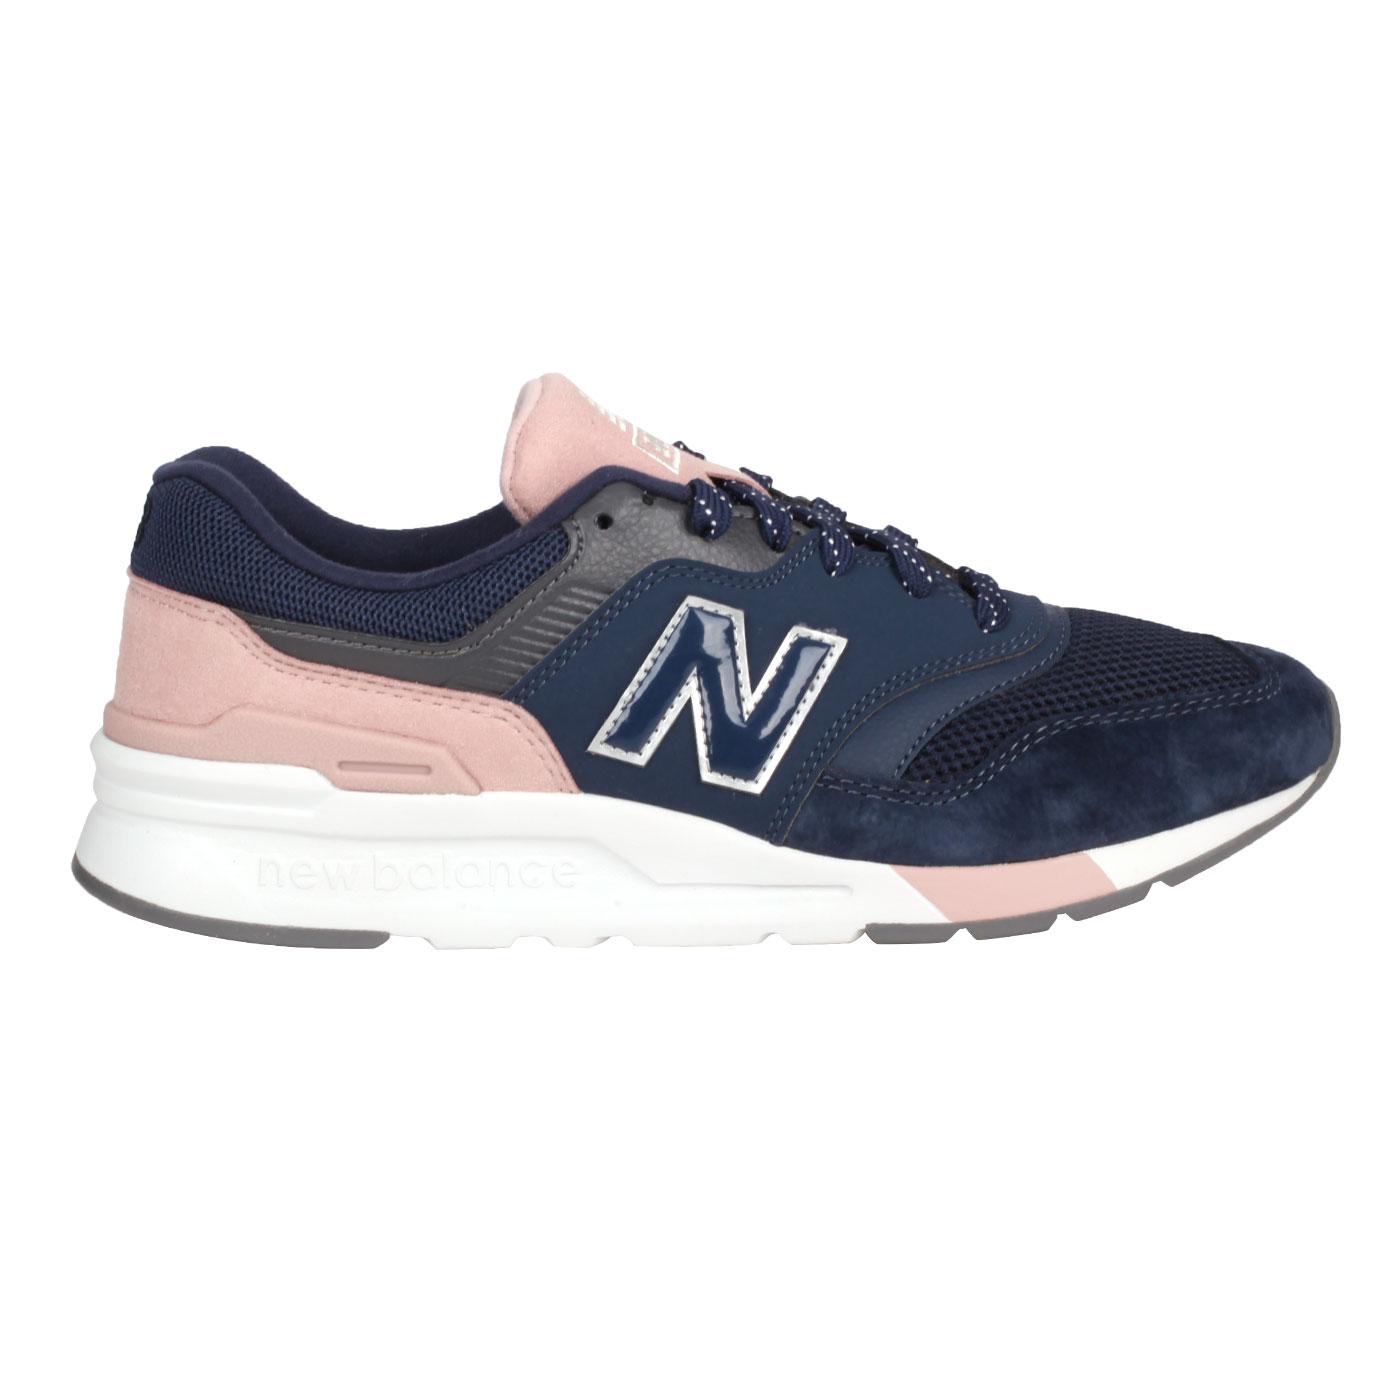 NEW BALANCE 女款復古慢跑鞋 CW997HYA - 丈青粉